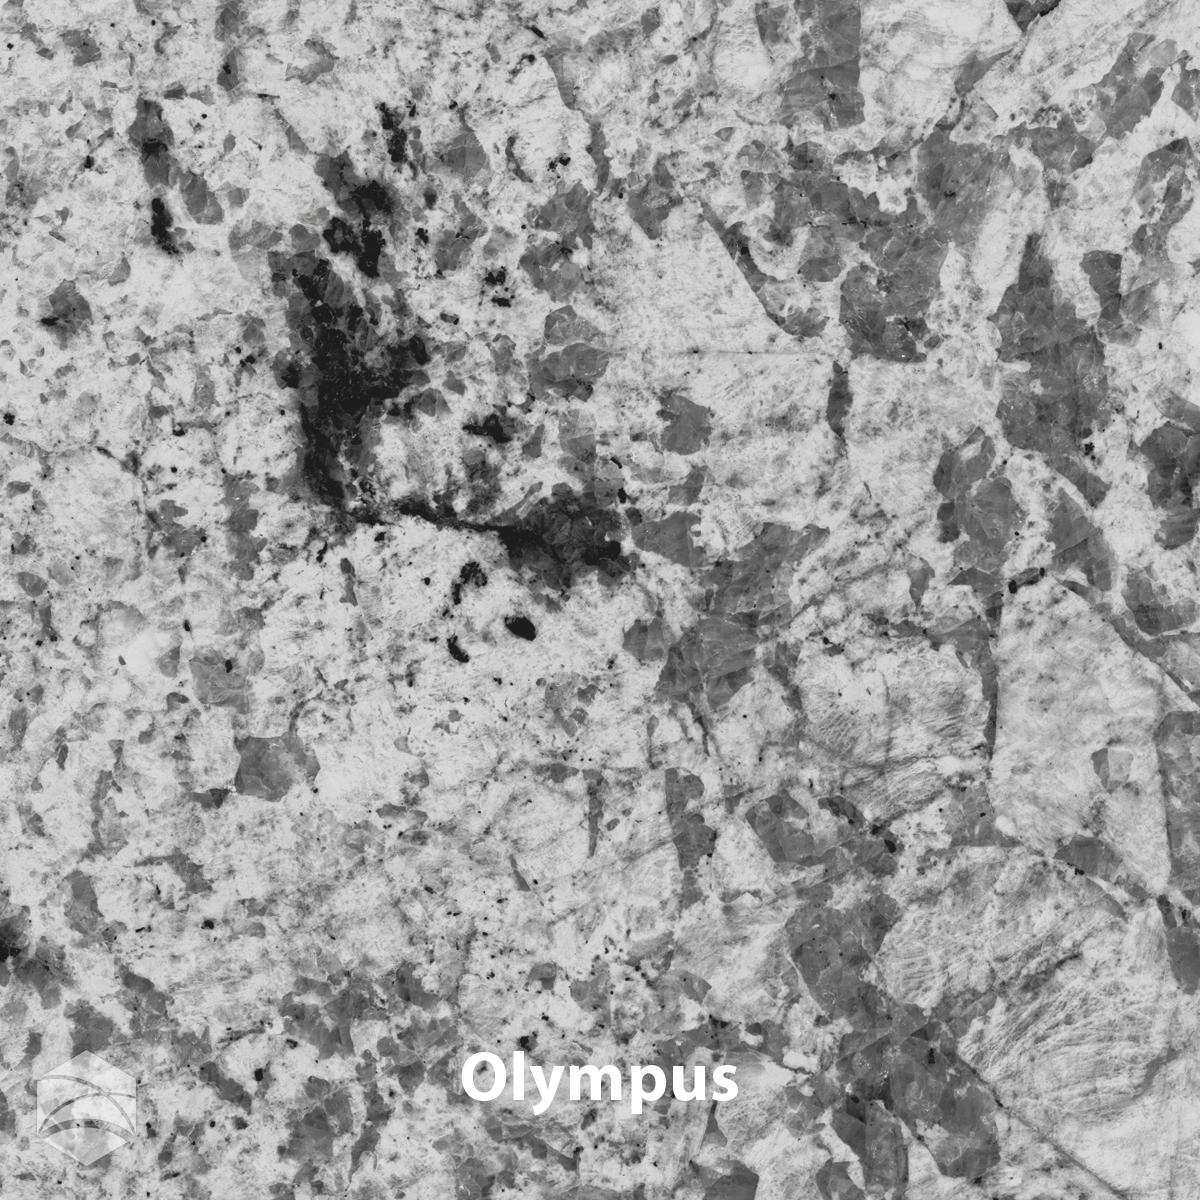 Olympus_V2_12x12.jpg